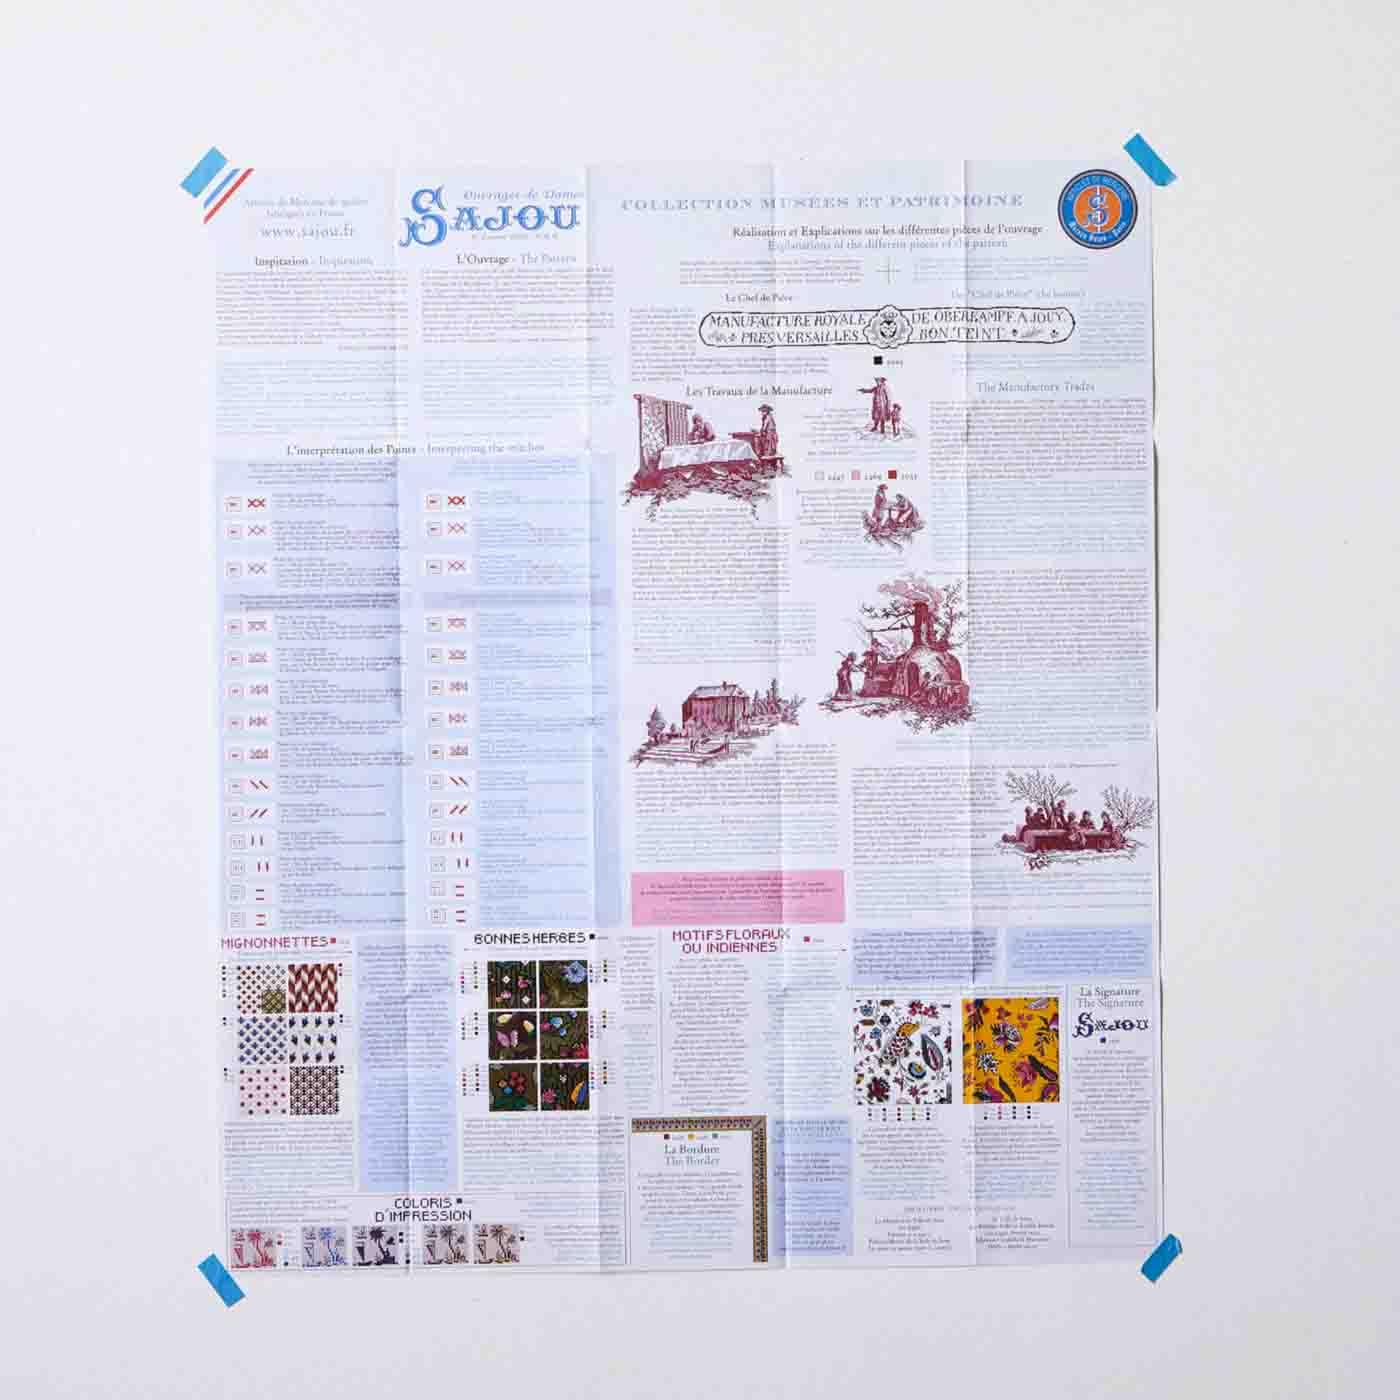 図案の説明はフランス語と英語でされています。